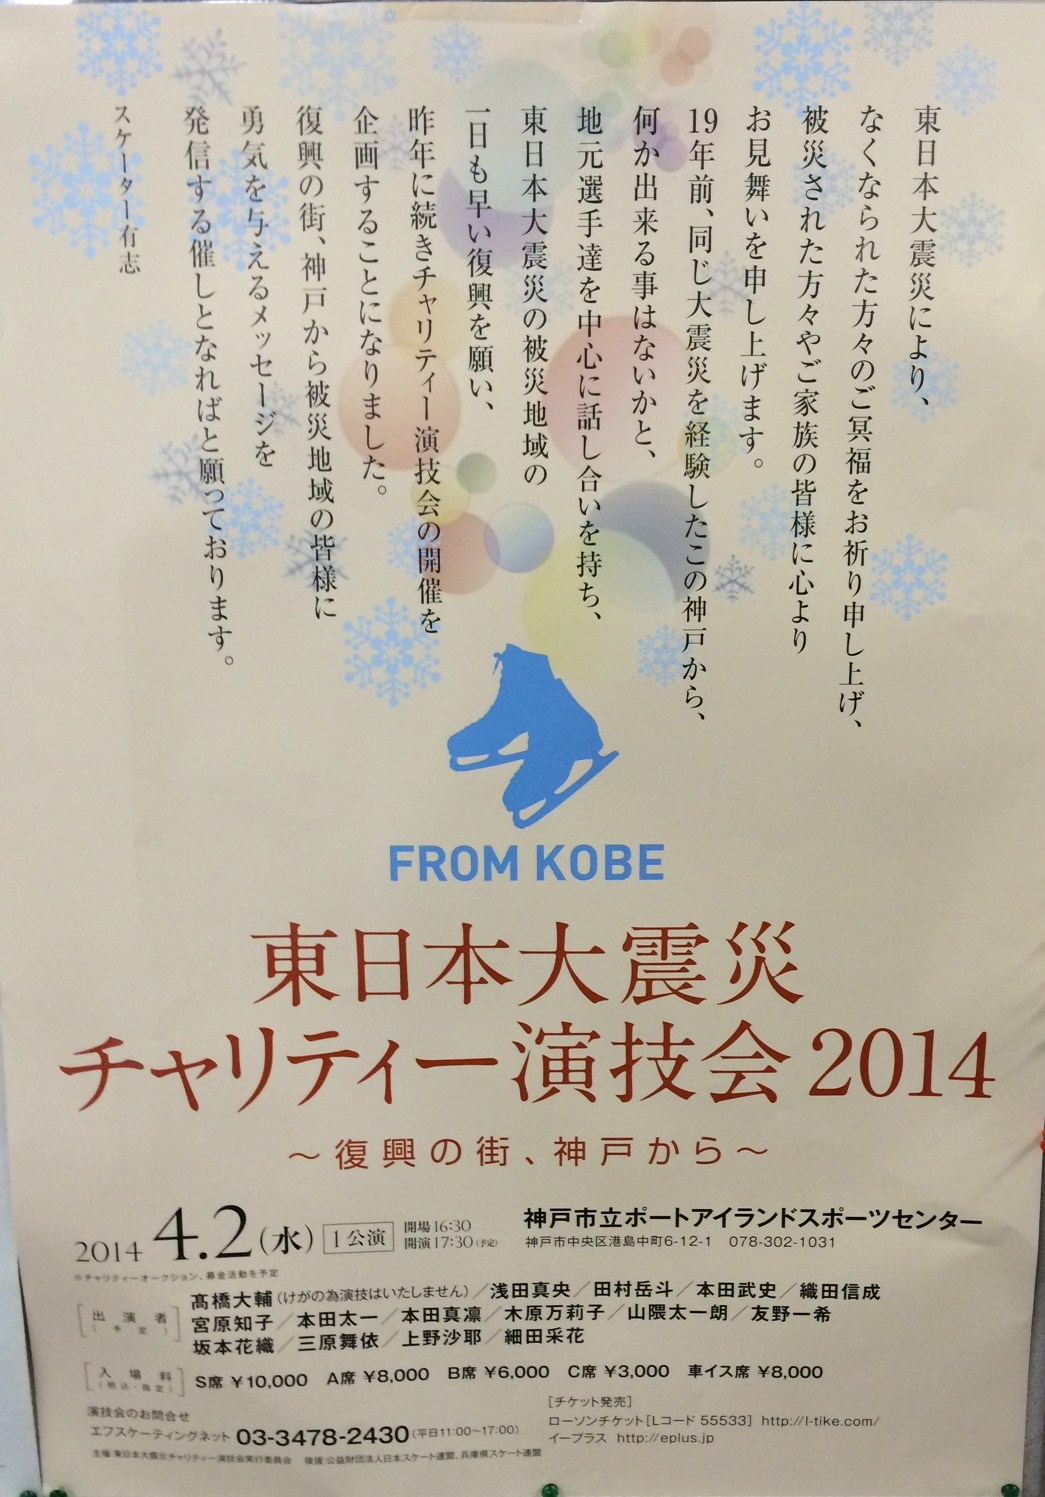 2014年開催告知ポスター